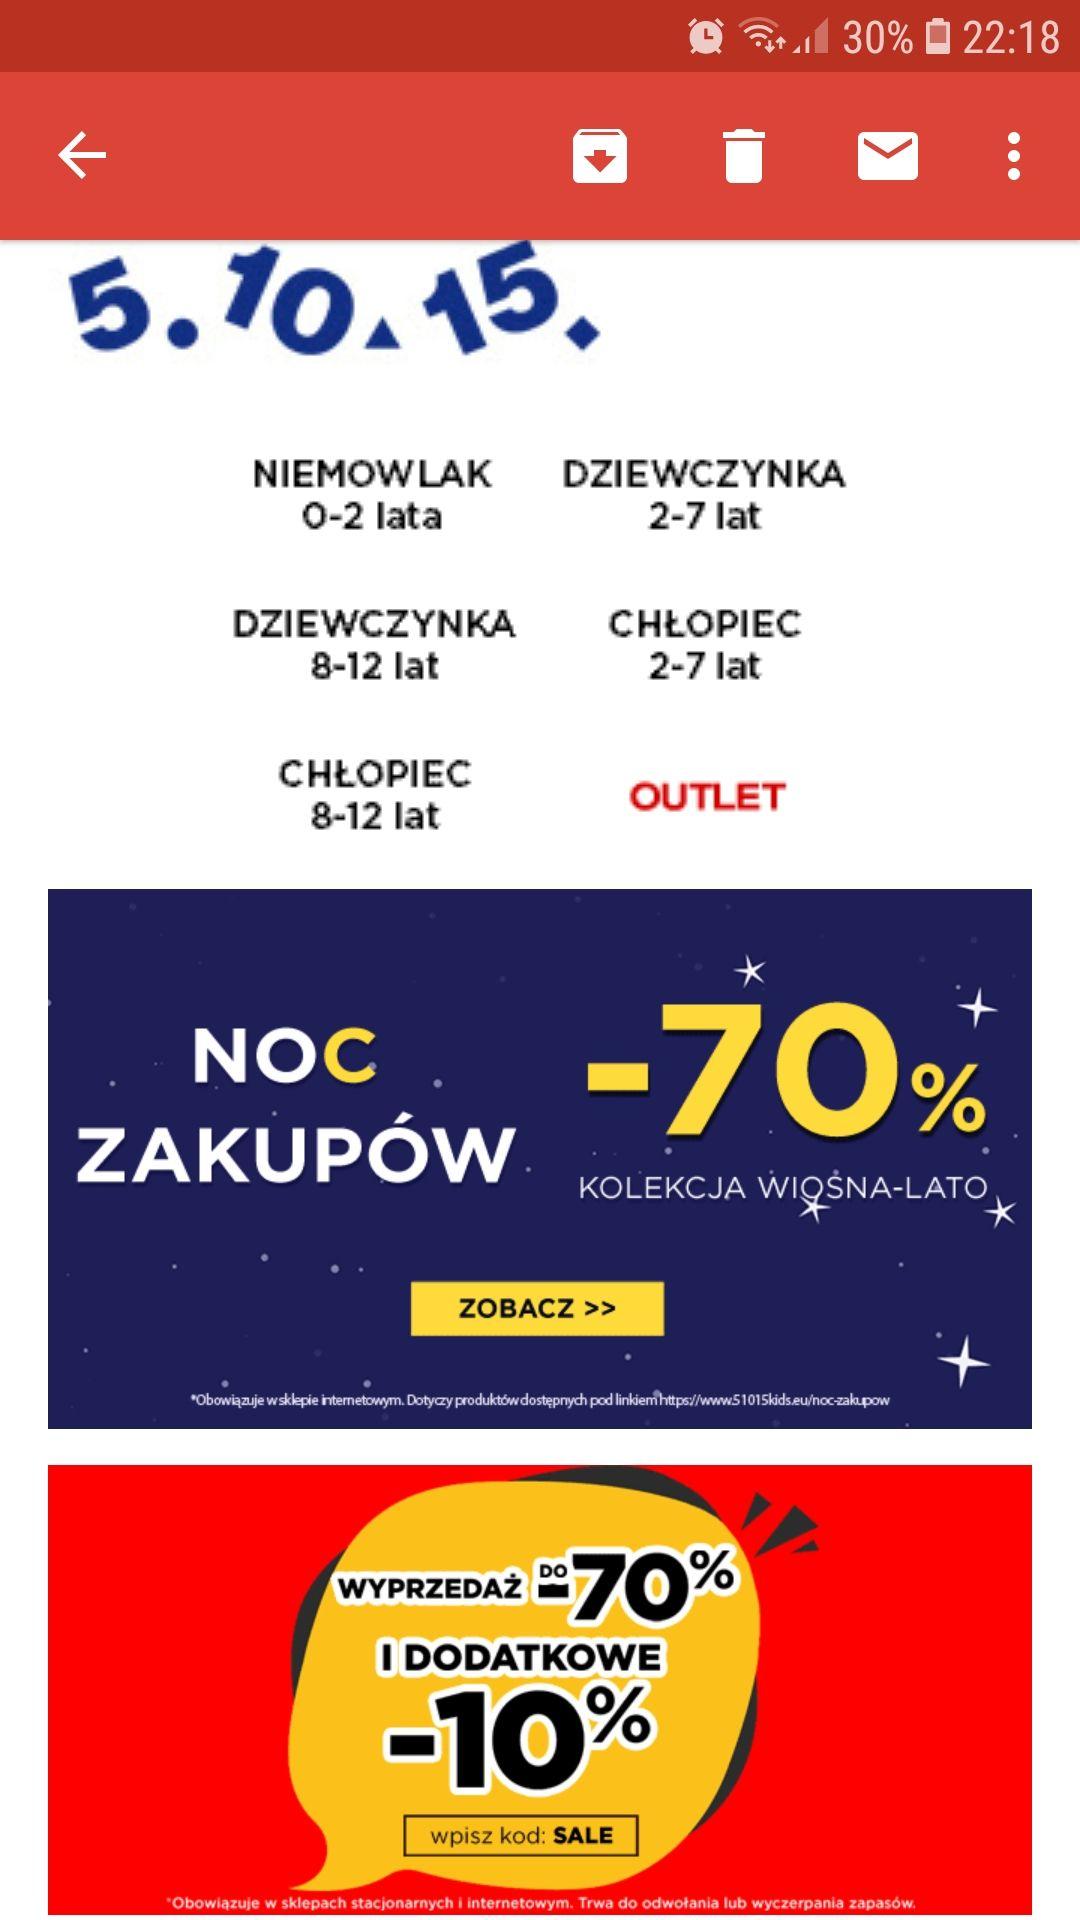 -70% i dodatkowe -10% NOC ZAKUPOW 5.10.15.